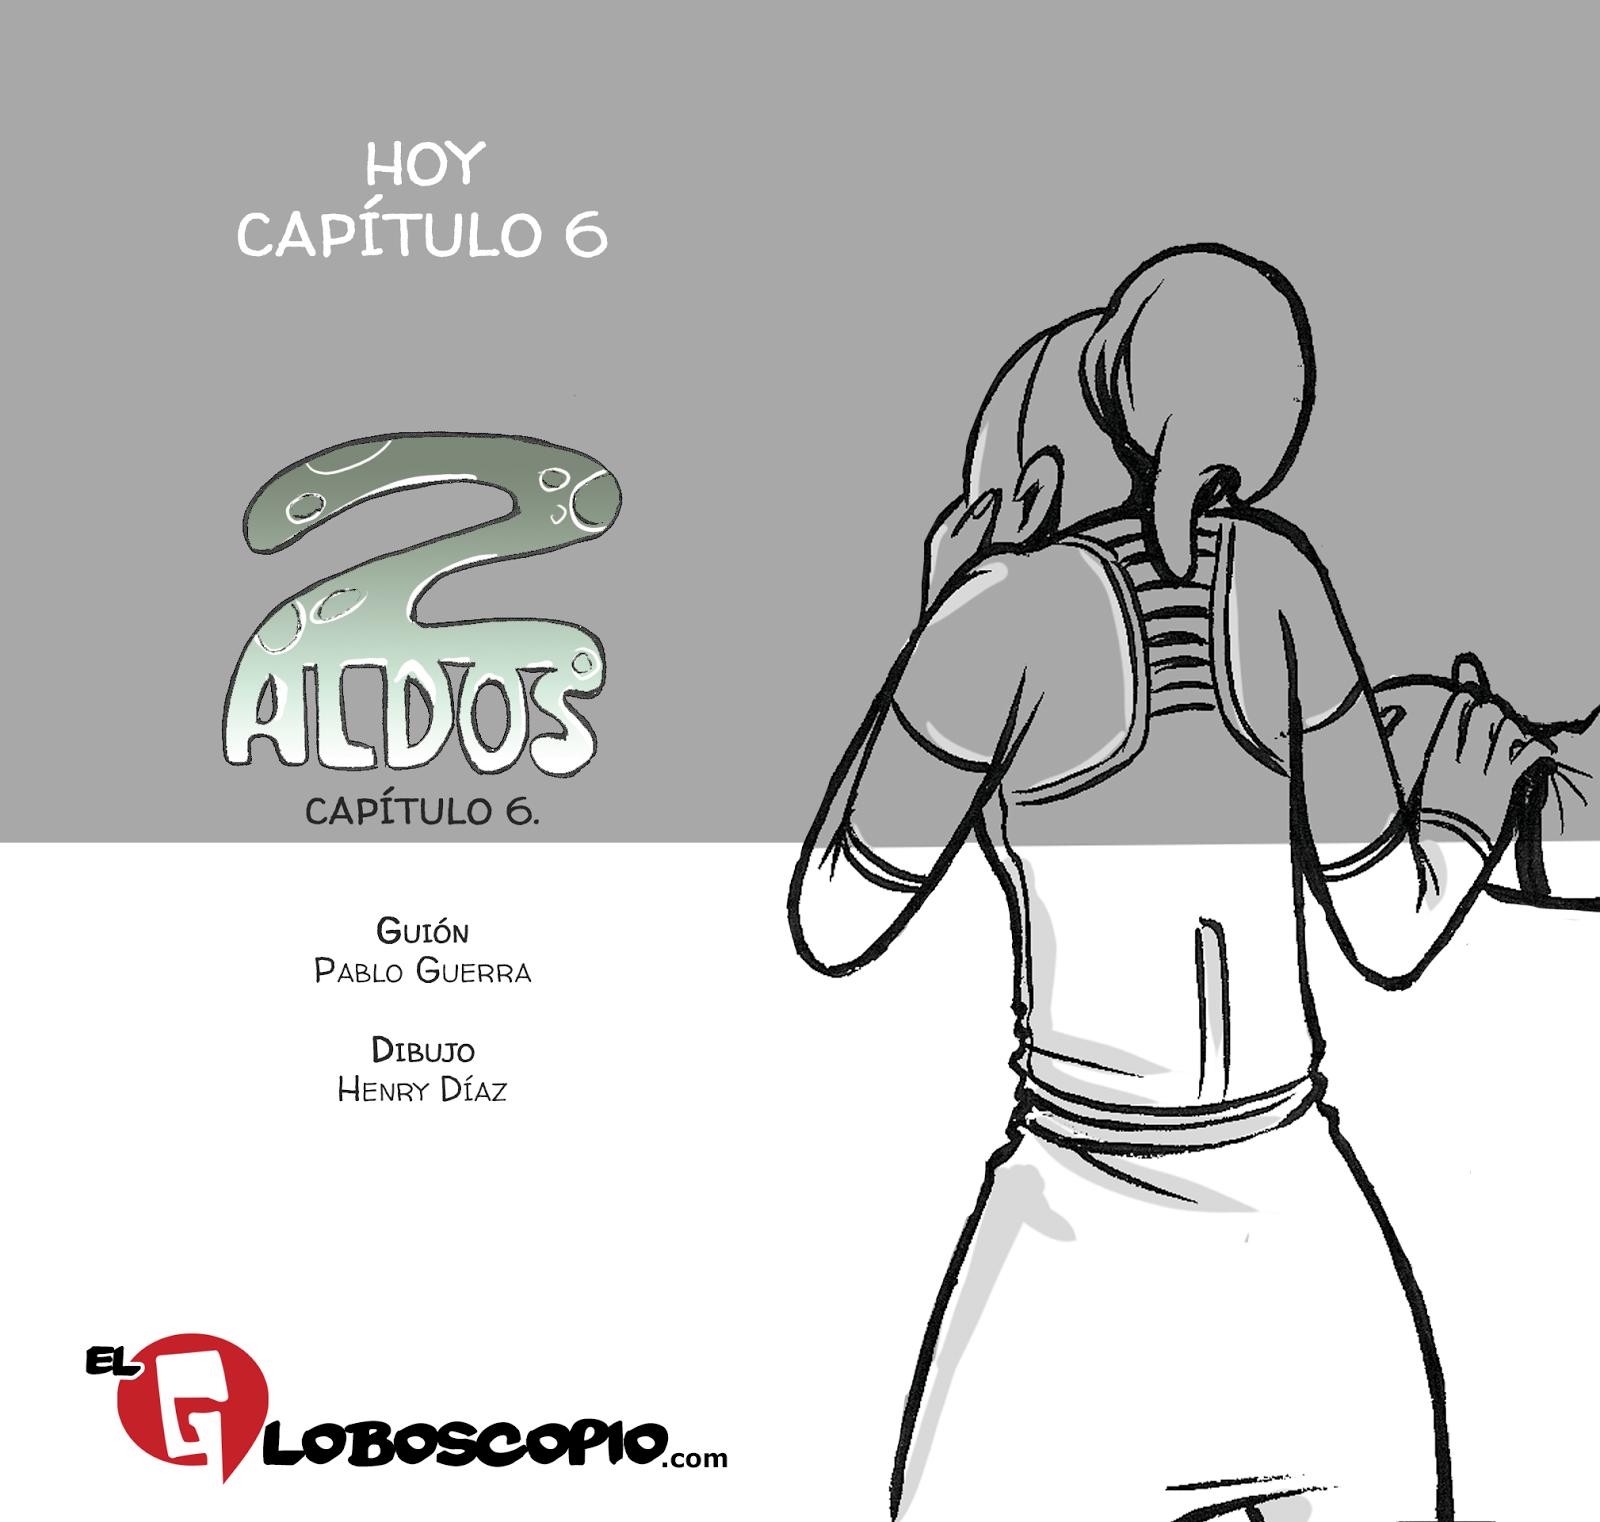 http://www.elgloboscopio.com/2014/09/dos-aldos-capitulo-6-de-pablo-guerra-y.html